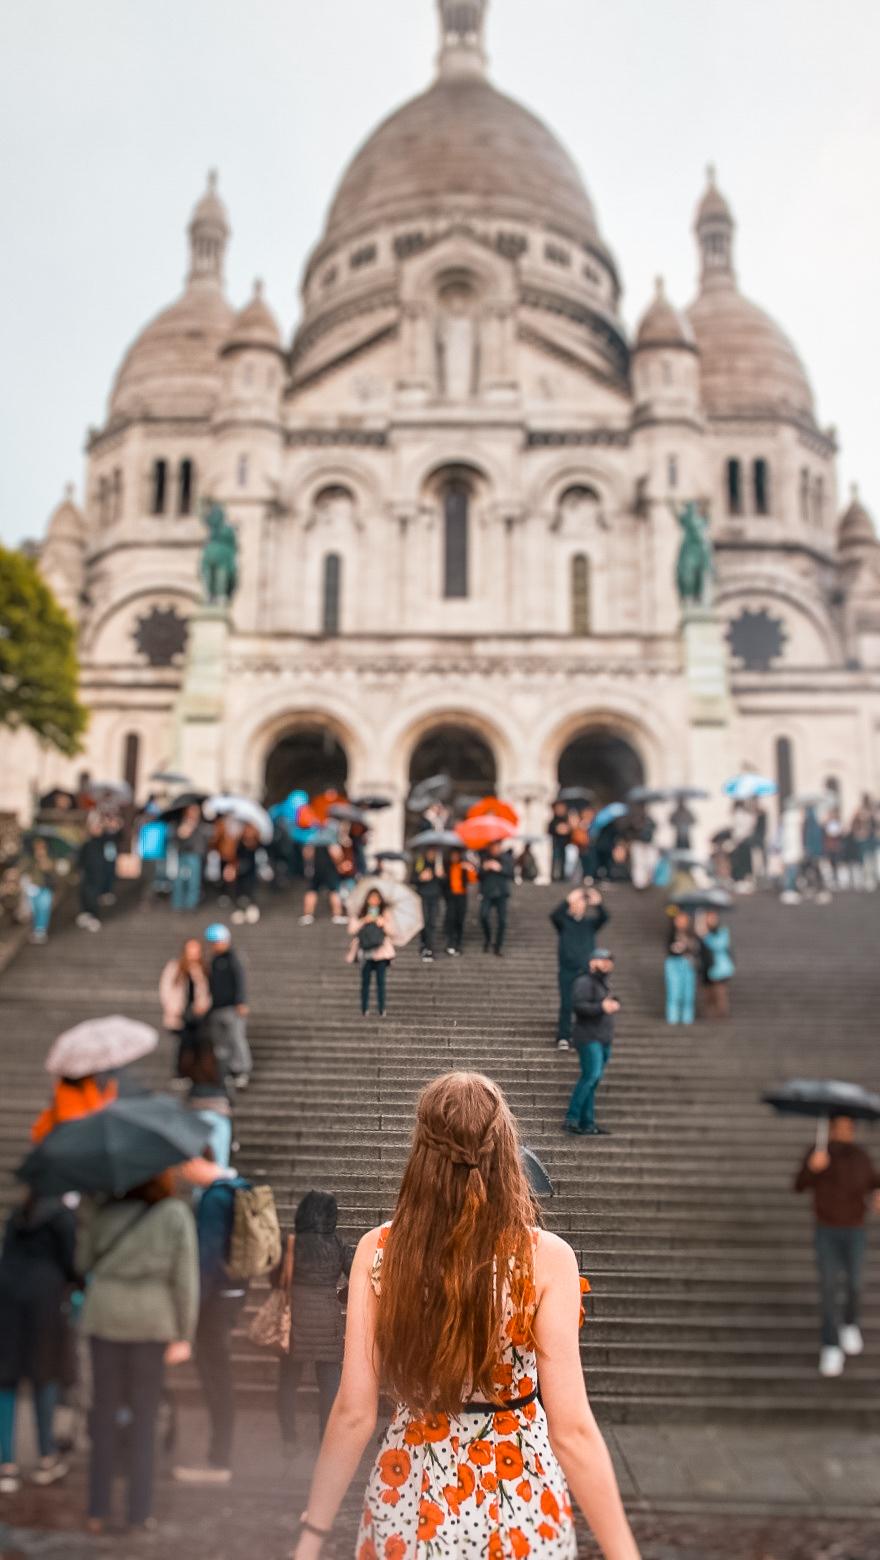 sacre coeur paris Top 10 Photo Spots in Paris